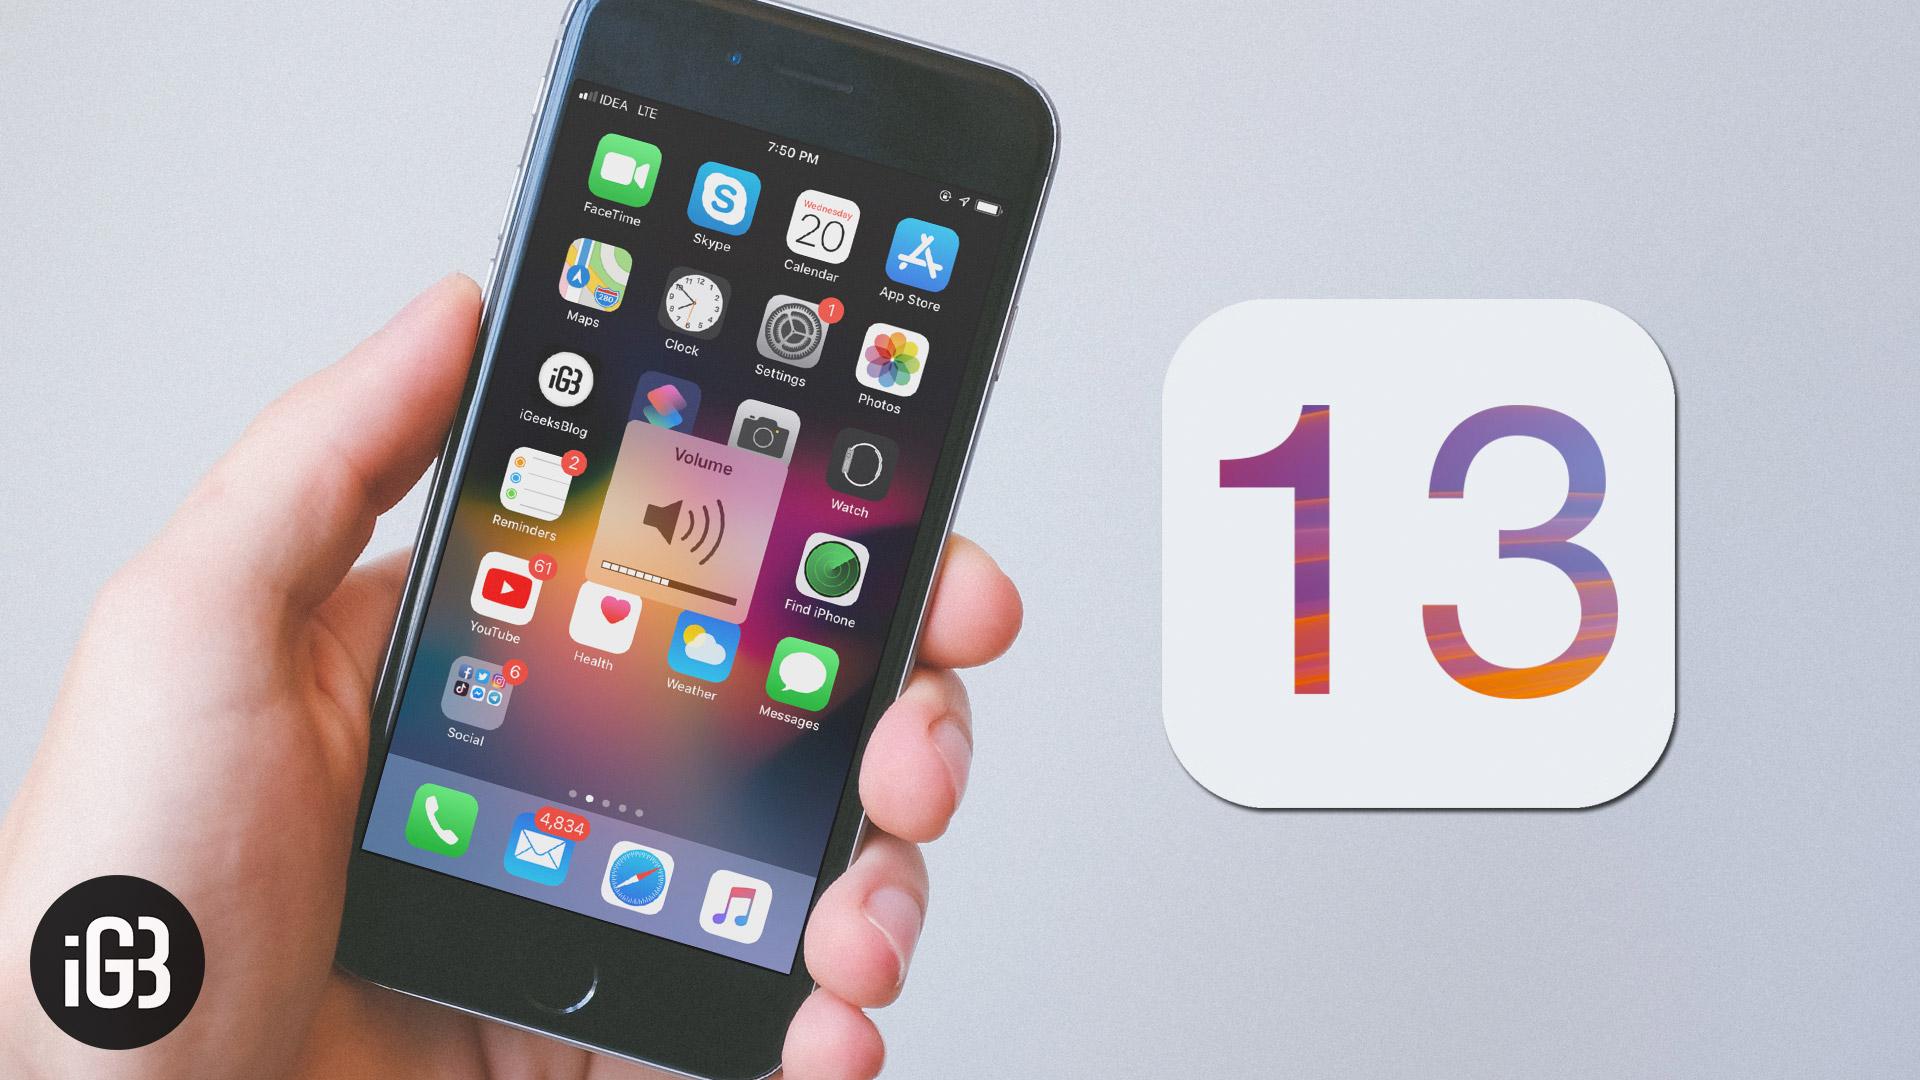 Funzionalità di iOS 13: le principali da conoscere prima dell'aggiornamento